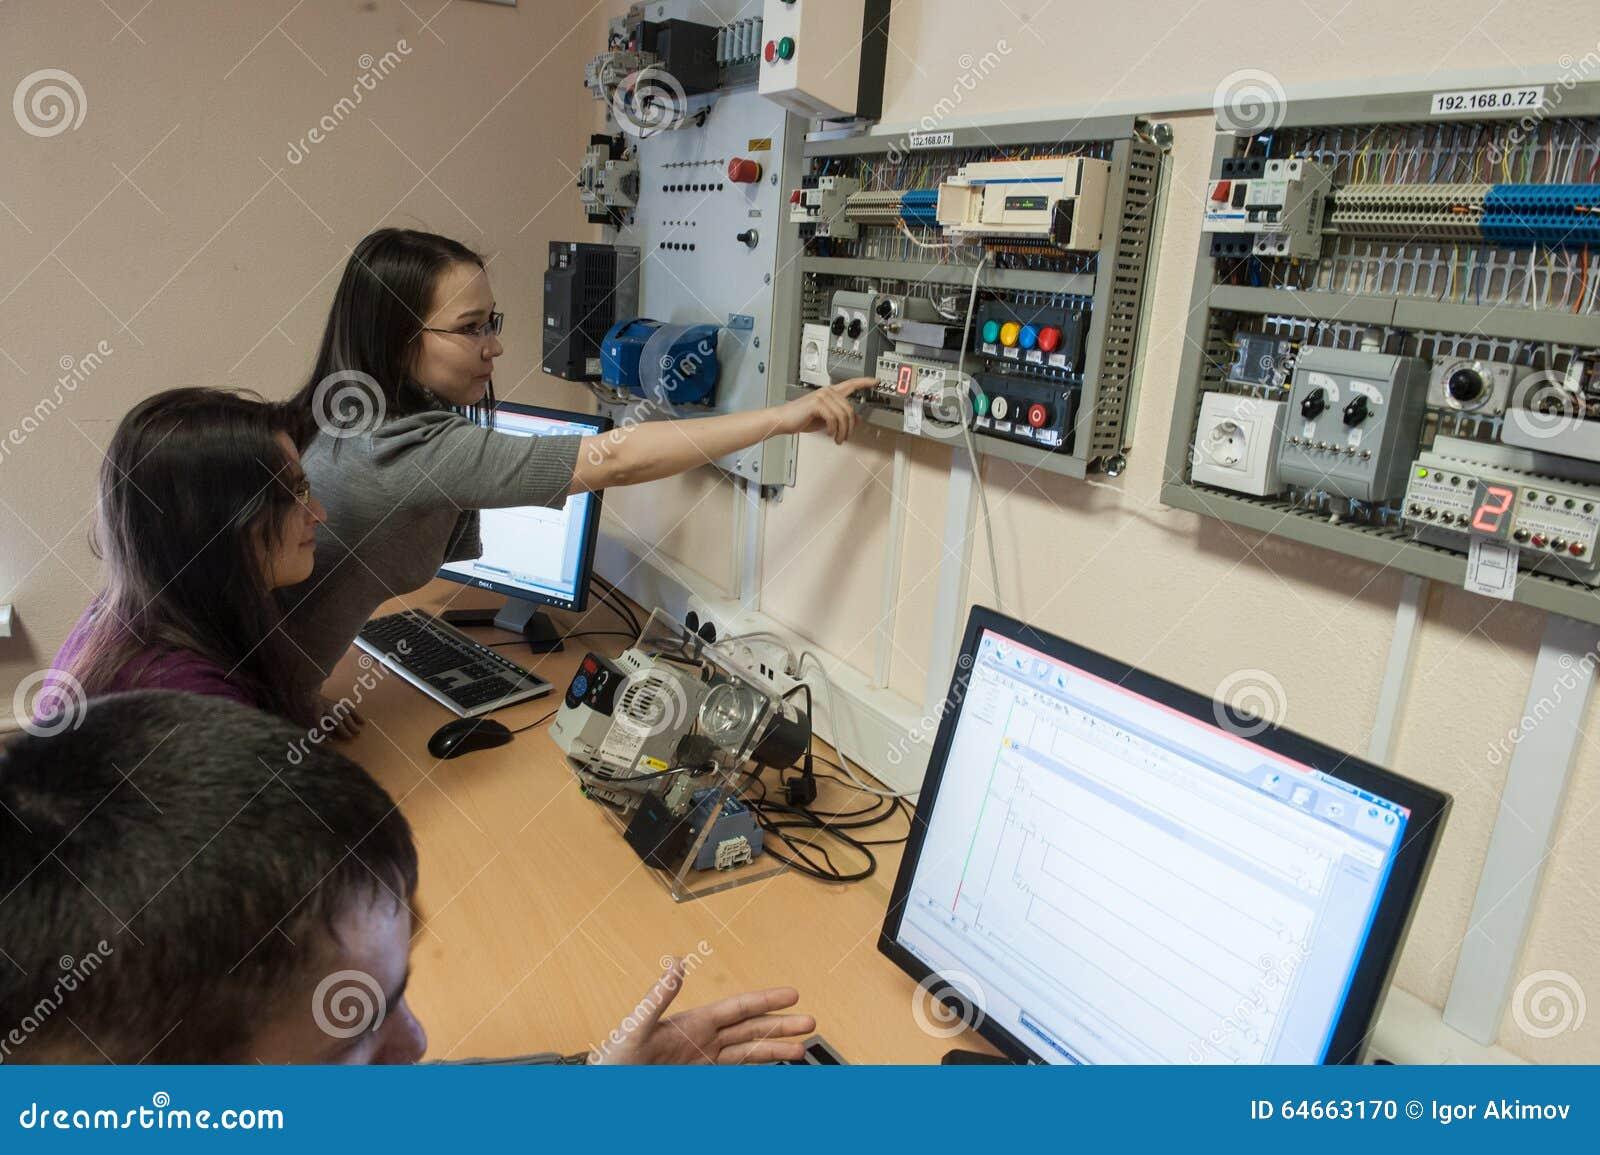 Tudiants dans la classe du mat riel lectrique schneider electric image ditorial image 64663170 - Materiel electrique schneider ...